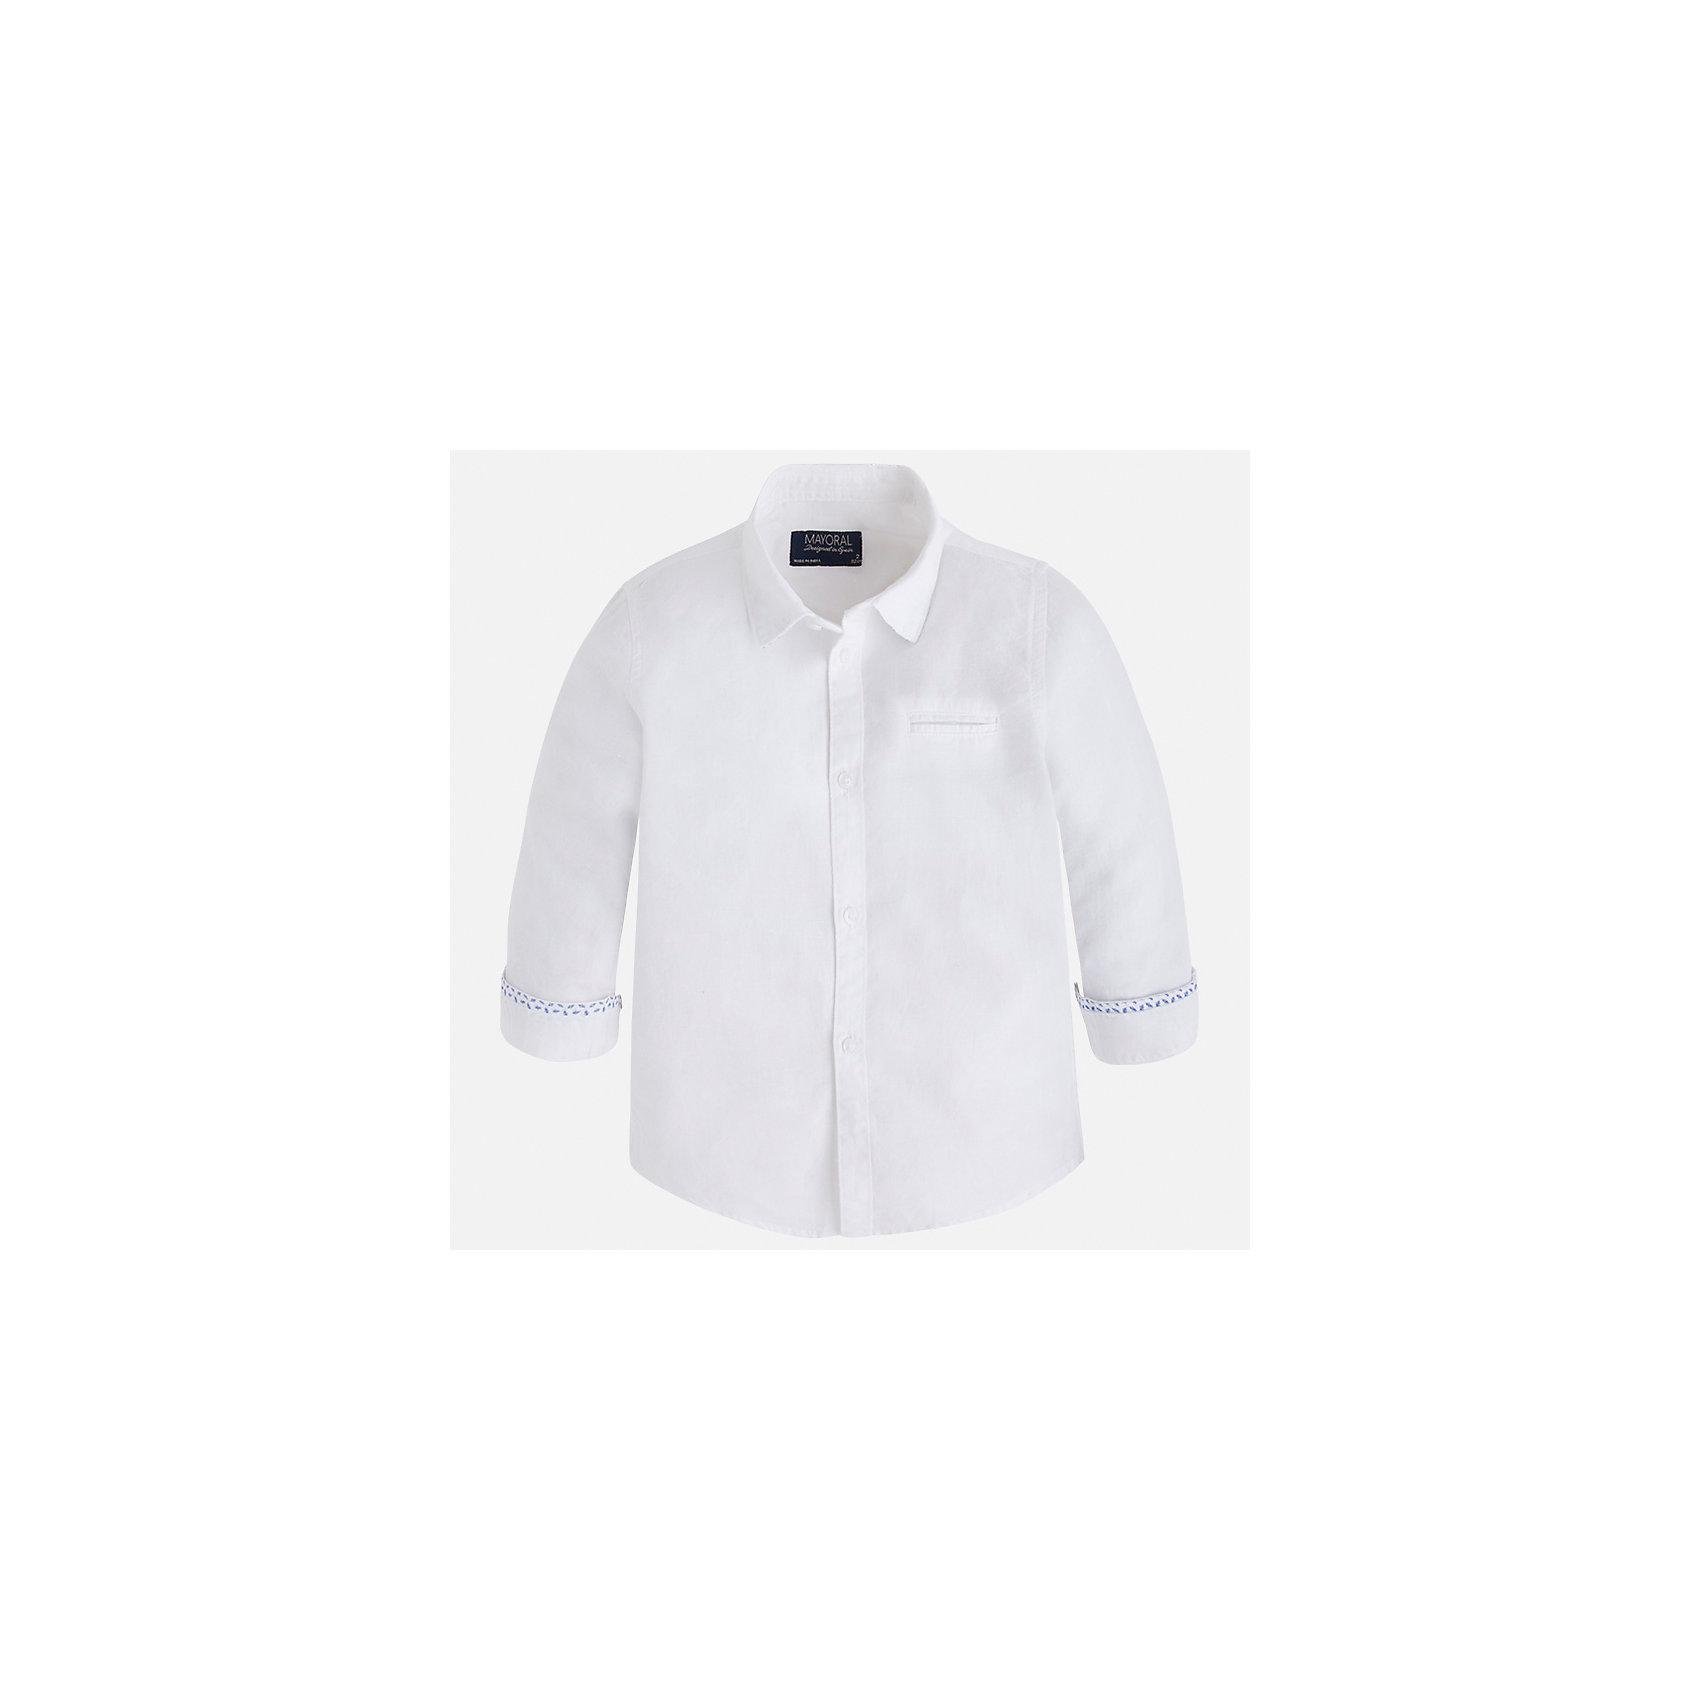 Рубашка для мальчика MayoralОдежда<br>Характеристики товара:<br><br>• цвет: белый<br>• состав: 70% хлопок, 30% лен<br>• отложной воротник<br>• рукава с отворотами<br>• застежка: пуговицы<br>• карман на груди<br>• страна бренда: Испания<br><br>Удобная и модная рубашка для мальчика может стать базовой вещью в гардеробе ребенка. Она отлично сочетается с брюками, шортами, джинсами и т.д. Универсальный крой и цвет позволяет подобрать к вещи низ разных расцветок. Практичное и стильное изделие! В составе материала - натуральный хлопок, гипоаллергенный, приятный на ощупь, дышащий.<br><br>Одежда, обувь и аксессуары от испанского бренда Mayoral полюбились детям и взрослым по всему миру. Модели этой марки - стильные и удобные. Для их производства используются только безопасные, качественные материалы и фурнитура. Порадуйте ребенка модными и красивыми вещами от Mayoral! <br><br>Рубашку для мальчика от испанского бренда Mayoral (Майорал) можно купить в нашем интернет-магазине.<br><br>Ширина мм: 174<br>Глубина мм: 10<br>Высота мм: 169<br>Вес г: 157<br>Цвет: белый<br>Возраст от месяцев: 18<br>Возраст до месяцев: 24<br>Пол: Мужской<br>Возраст: Детский<br>Размер: 92,134,128,122,116,110,104,98<br>SKU: 5277722